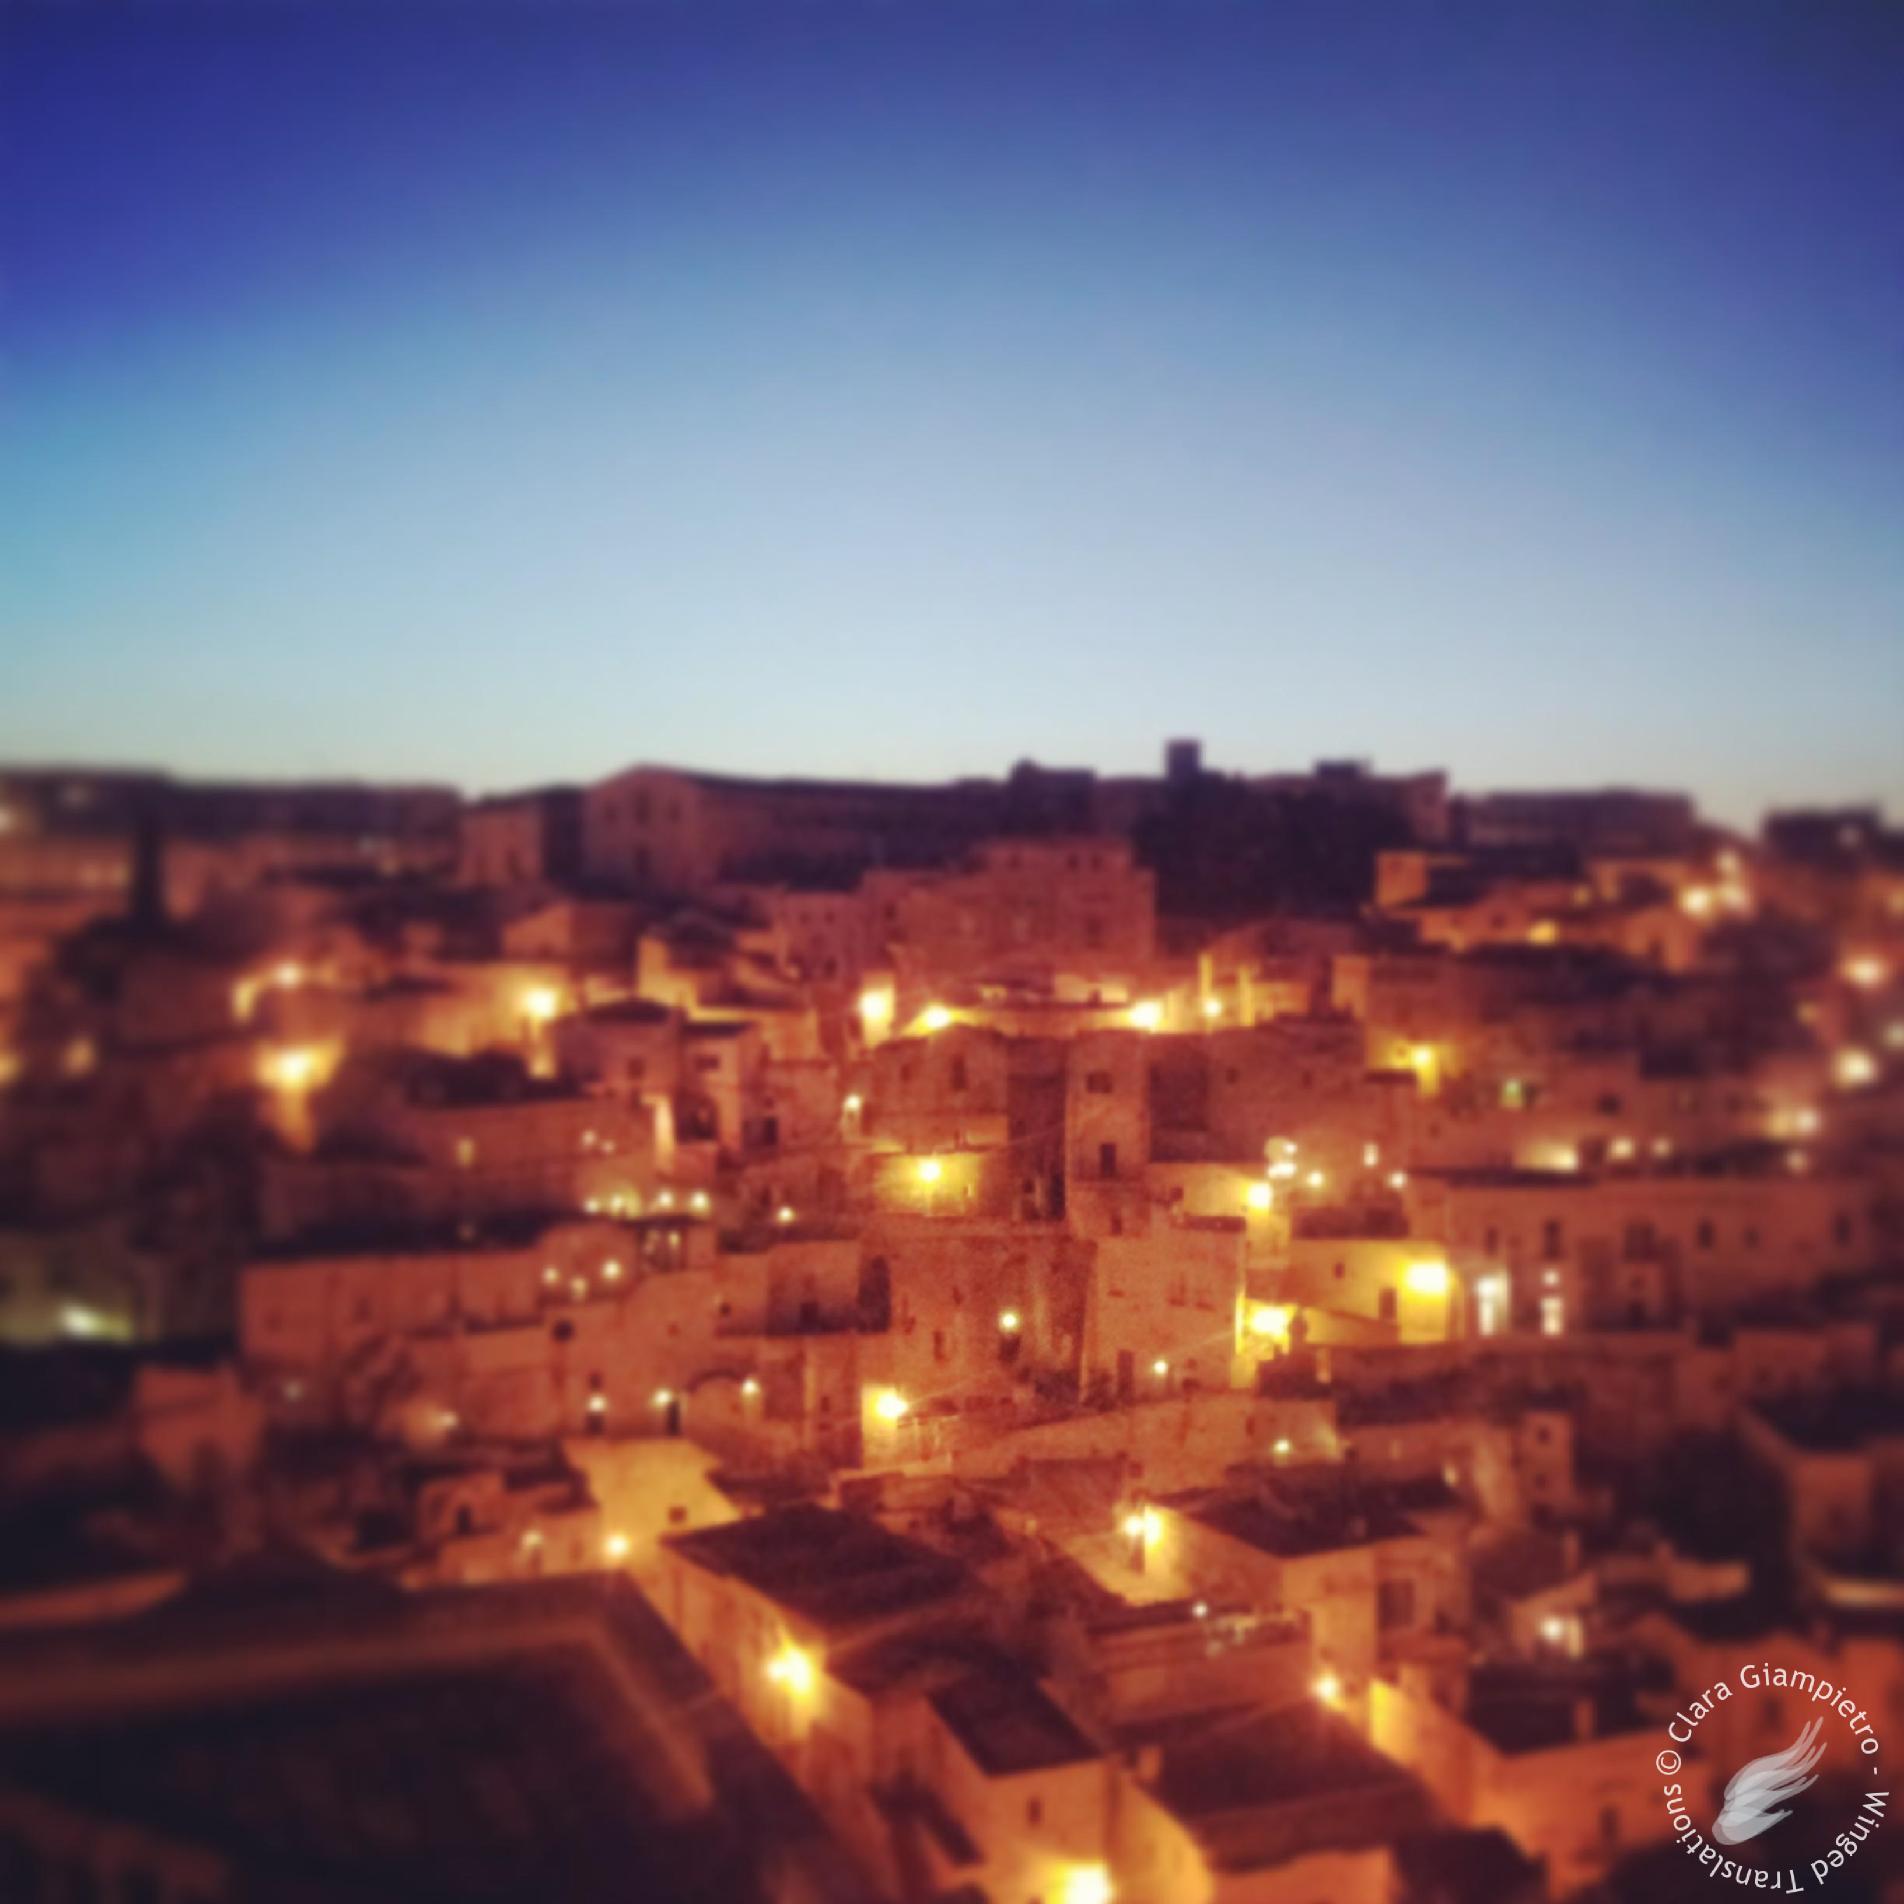 I sassi di Matera, ITALY #summer #basilicata